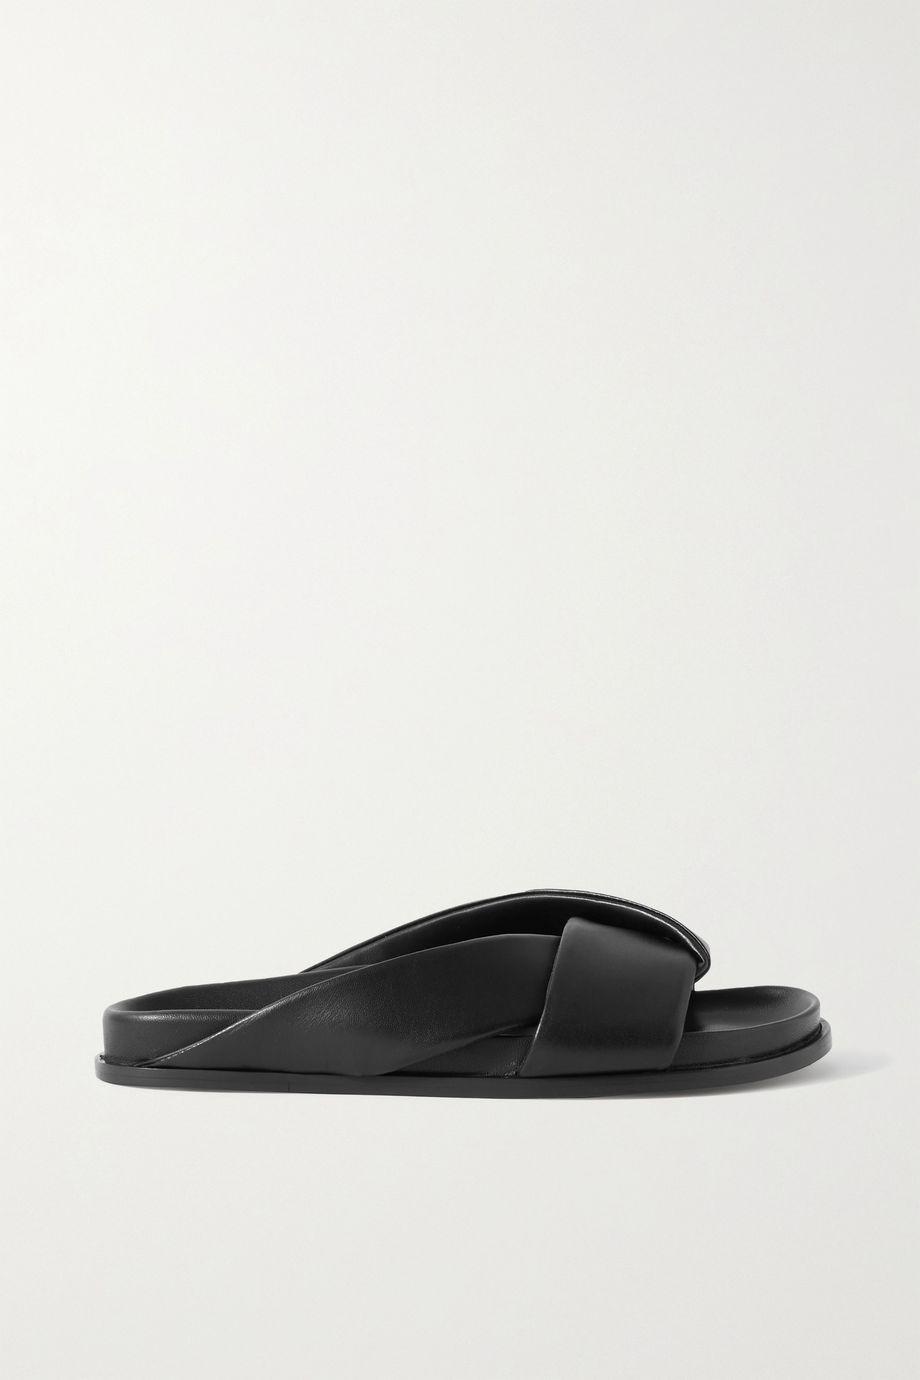 Emme Parsons Leather slides